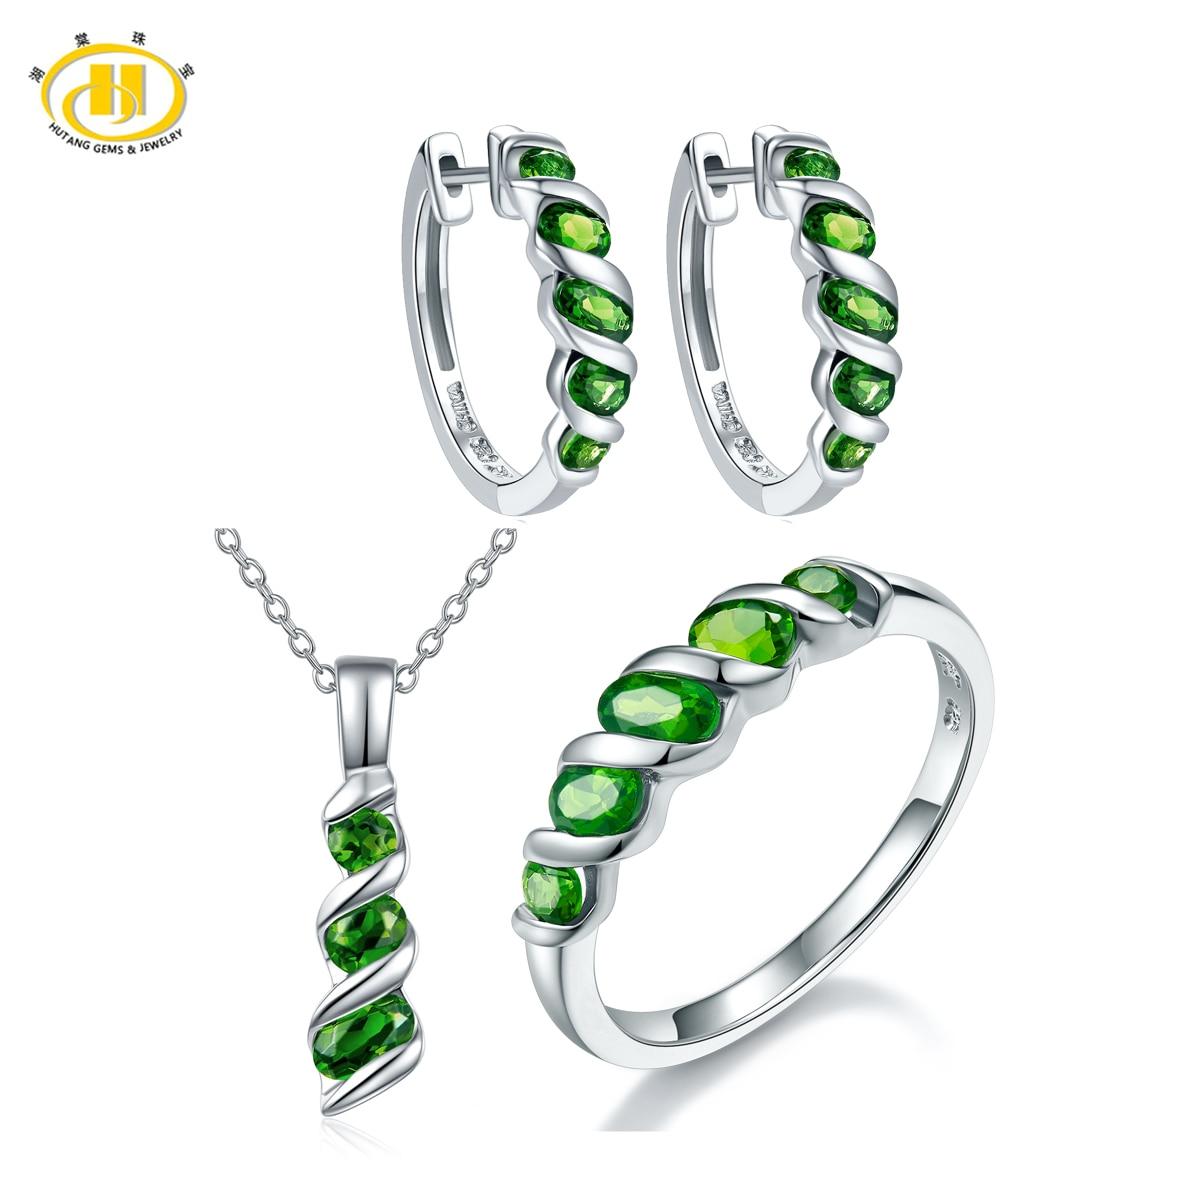 Hutang classique russe Chrome Diopside ensembles de bijoux pour les femmes solide 925 en argent Sterling bijoux de pierres précieuses pendentif boucles d'oreilles anneau